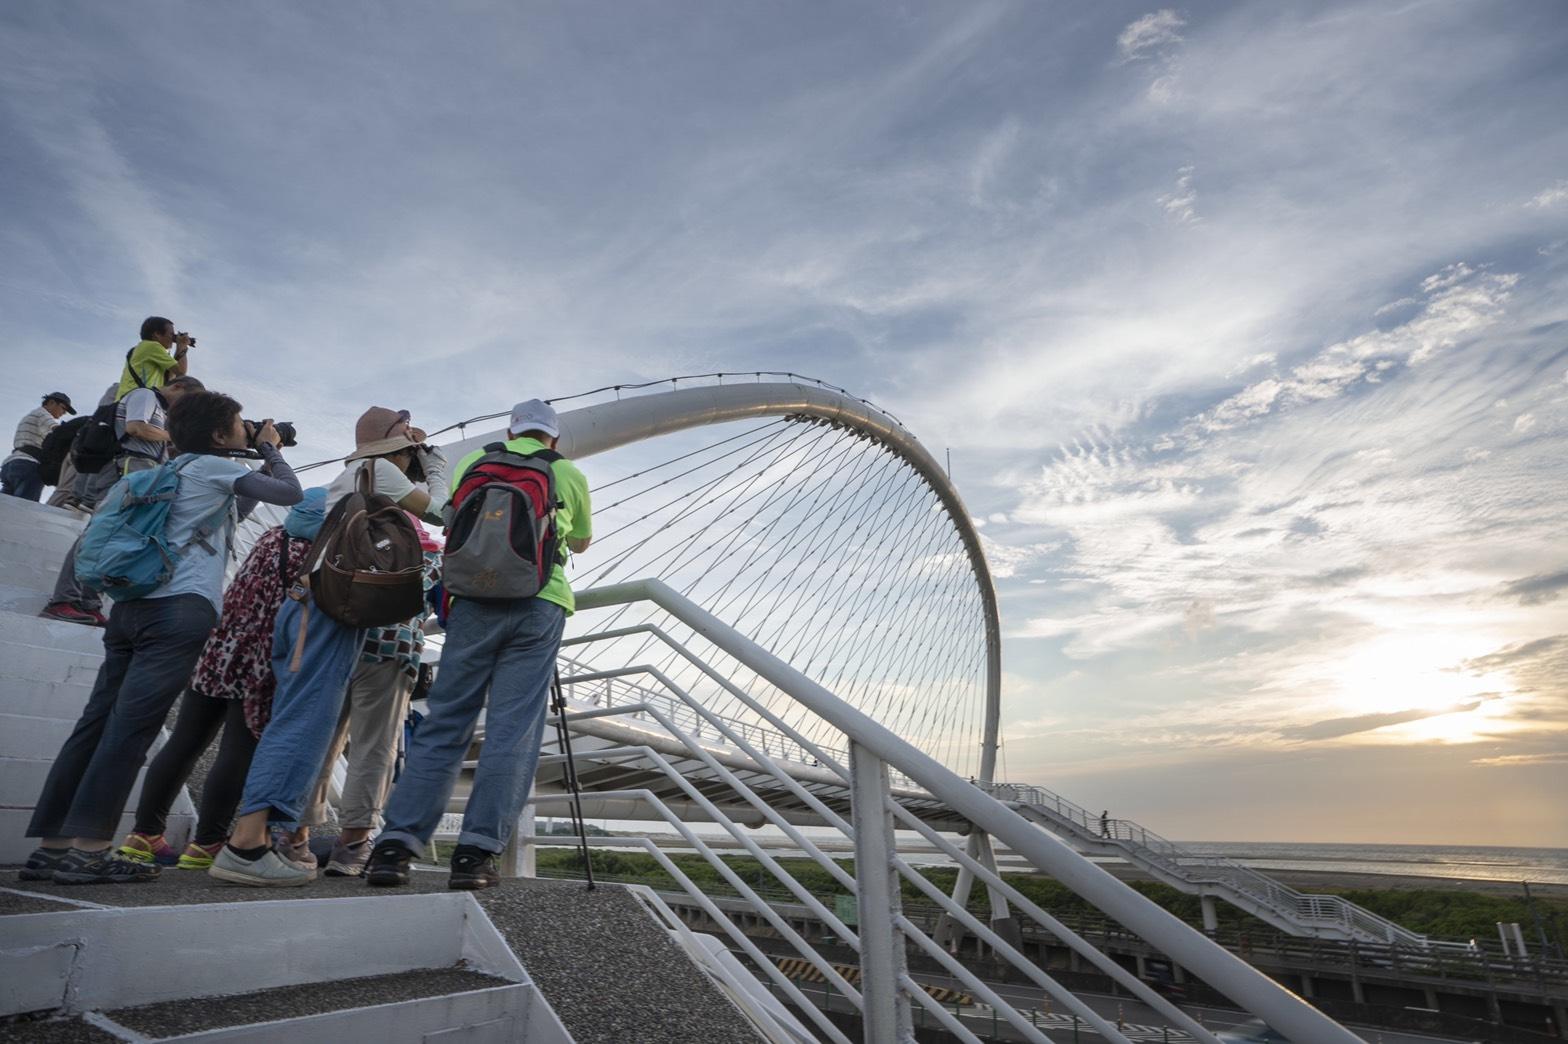 3.豎琴橋美景吸引攝影家愛好者聚集搶拍。|